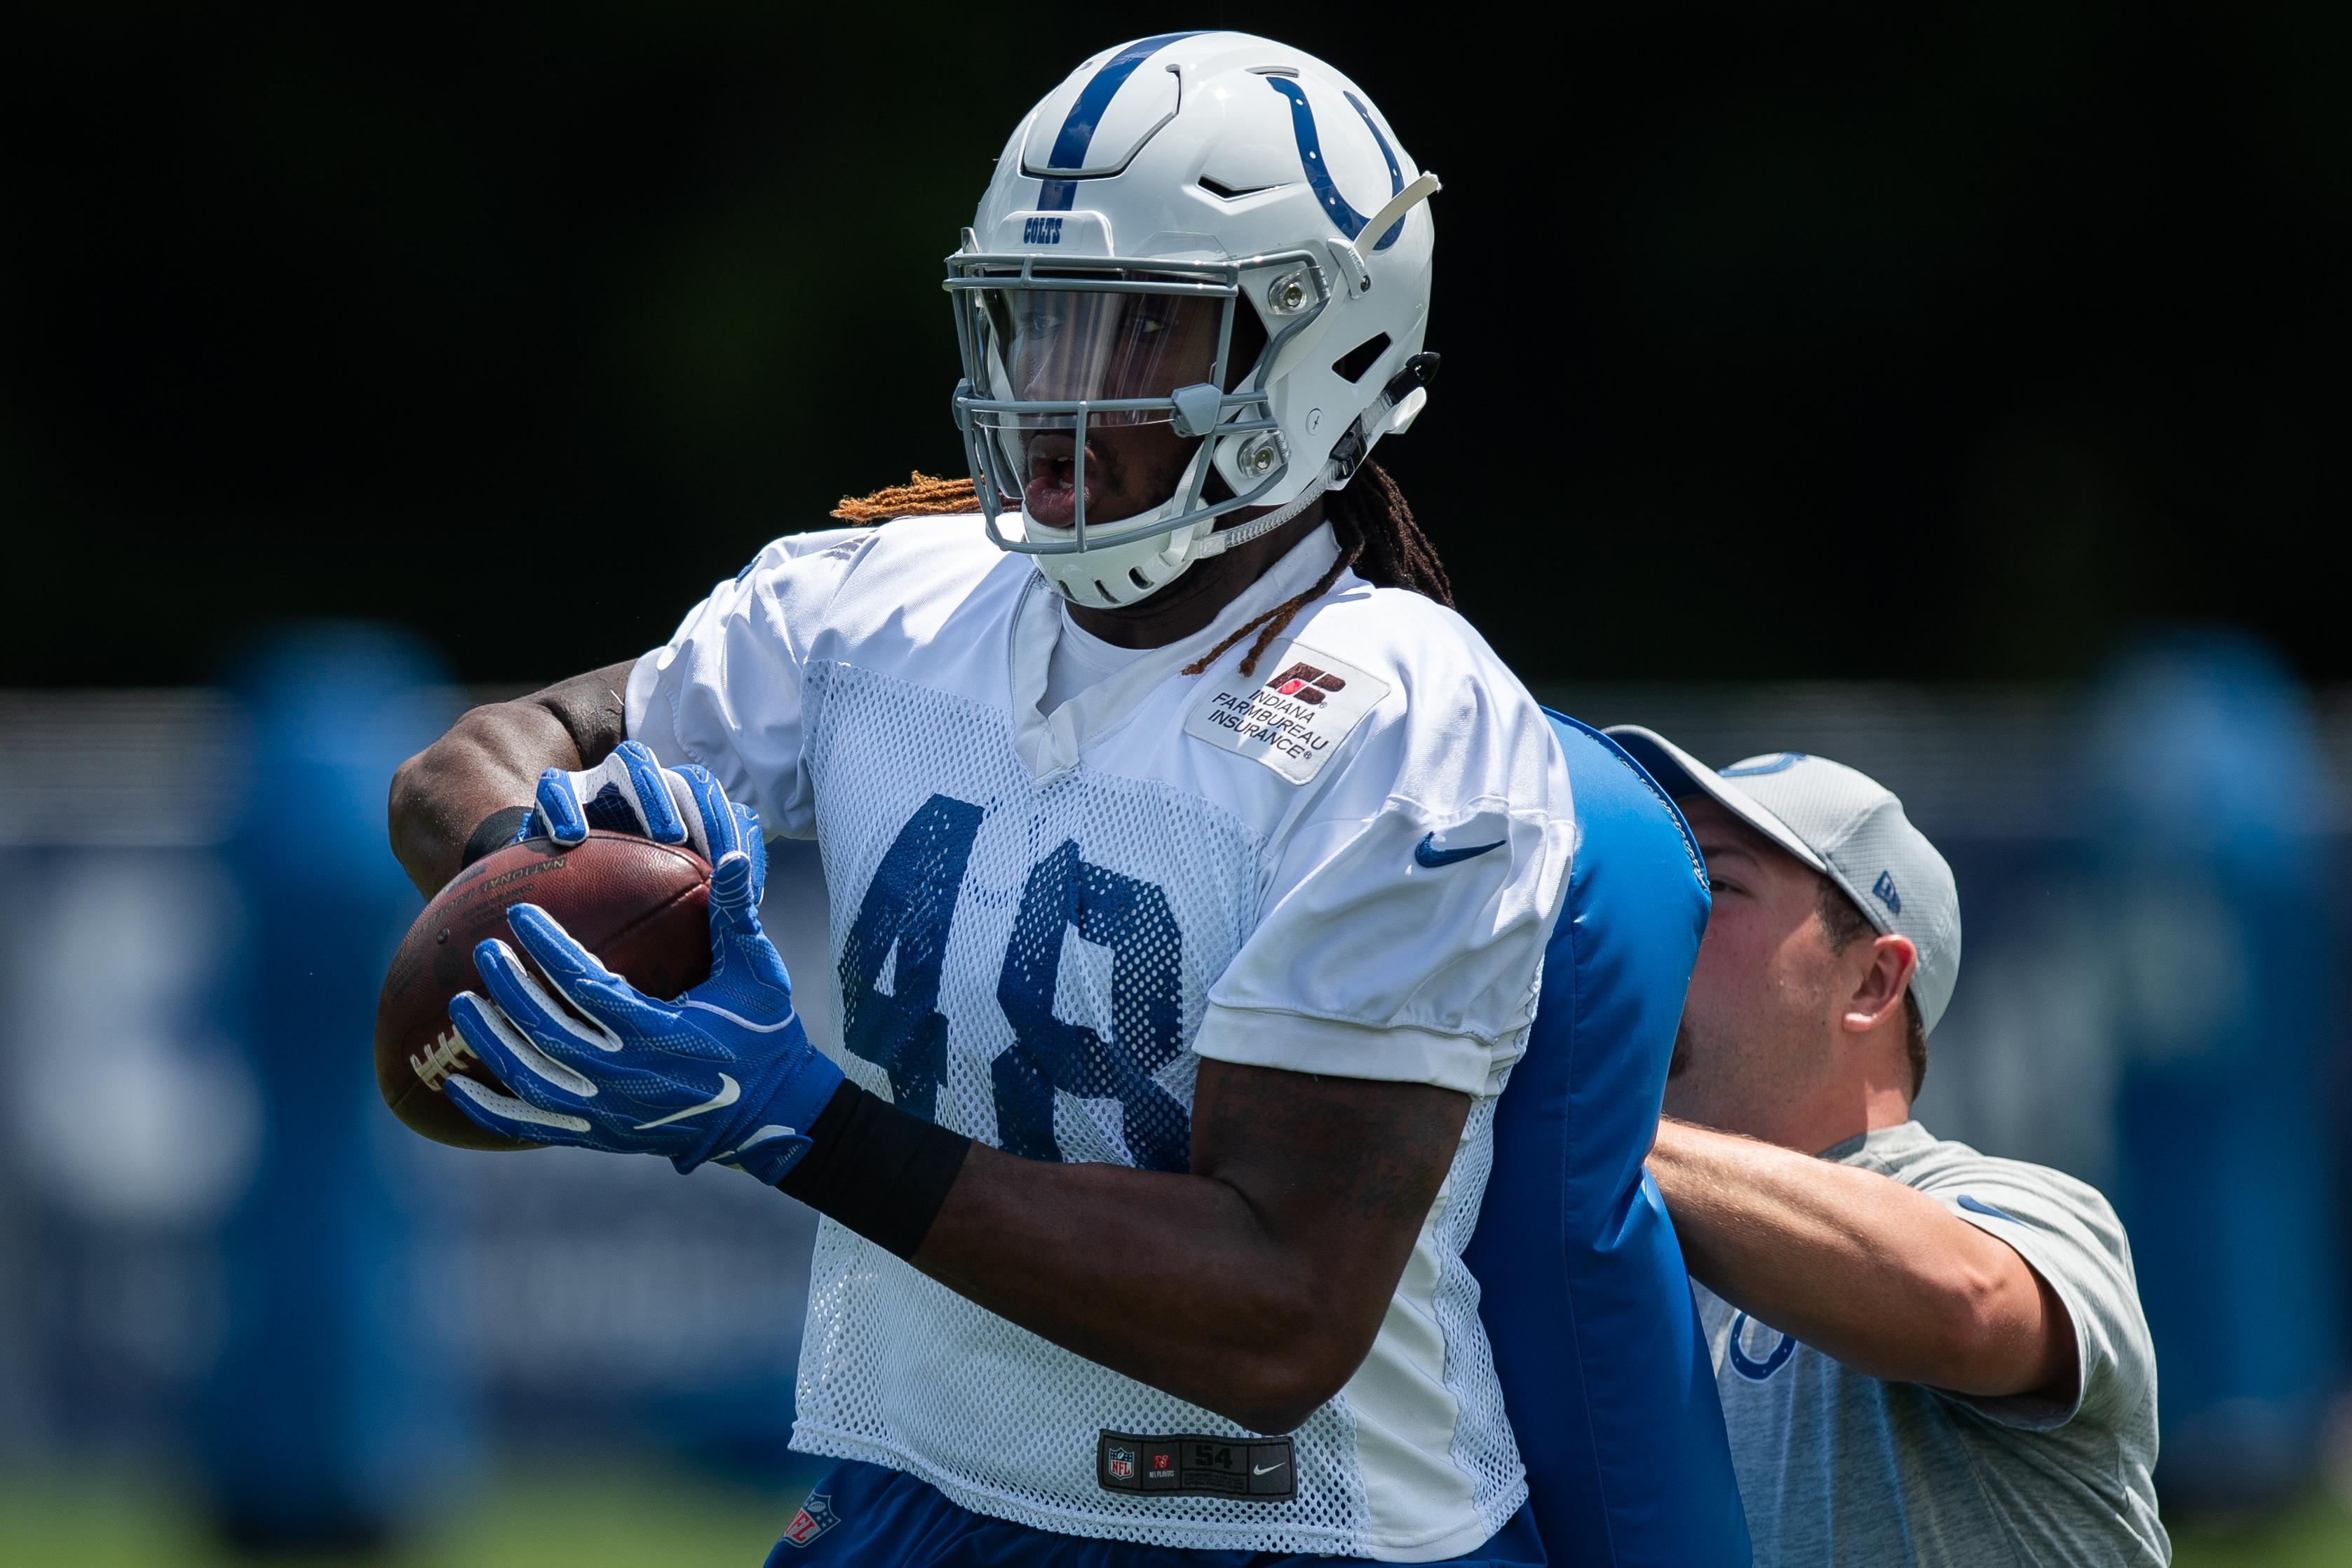 NFL: JUL 27 Colts Training Camp